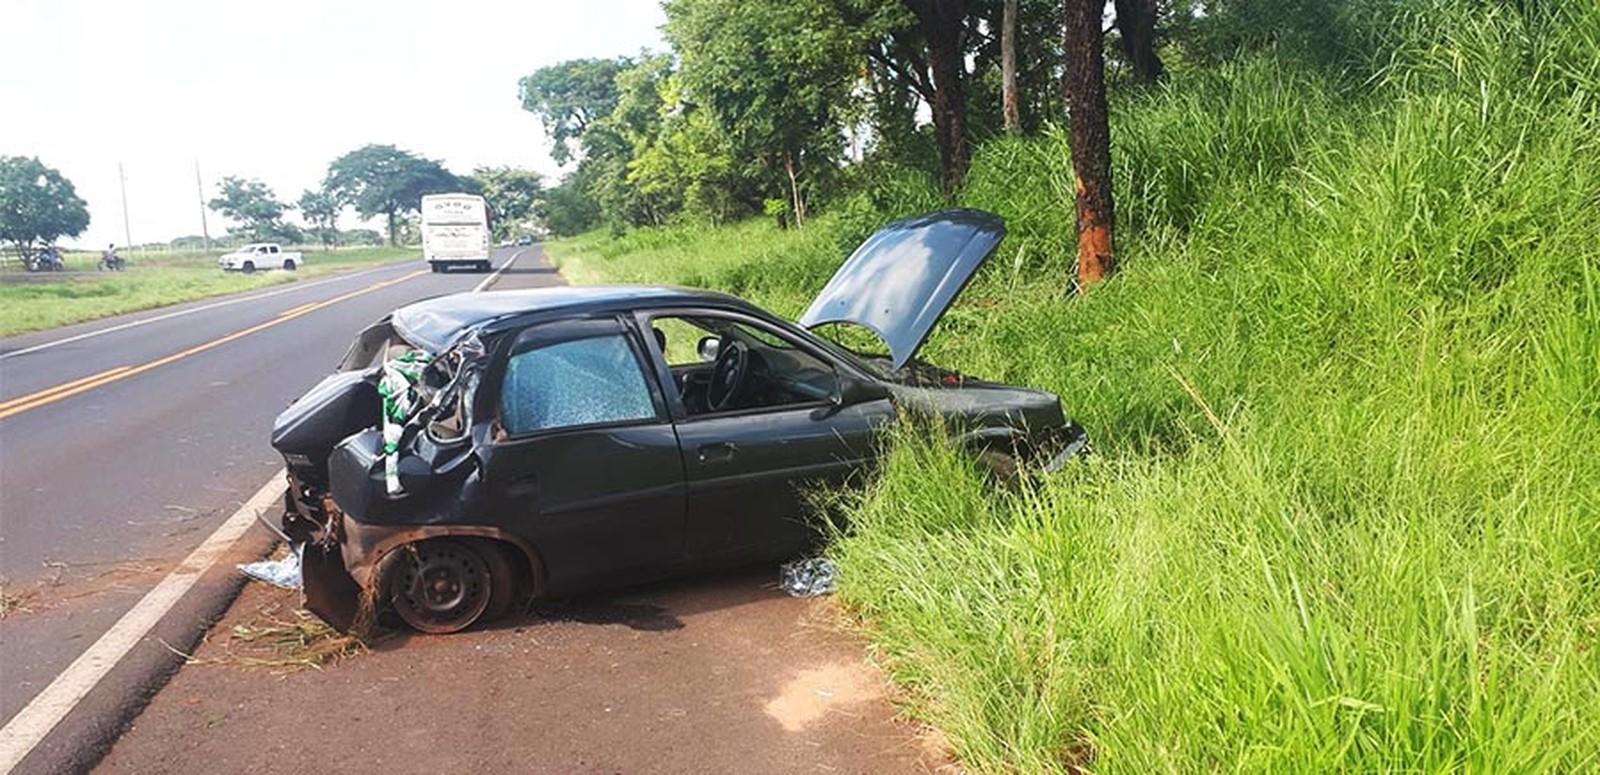 Três ficam feridos após carro bater em árvore e capotar em rodovia de Paraguaçu Paulista — Foto: Manoel Moreno/Site i7 Notícias